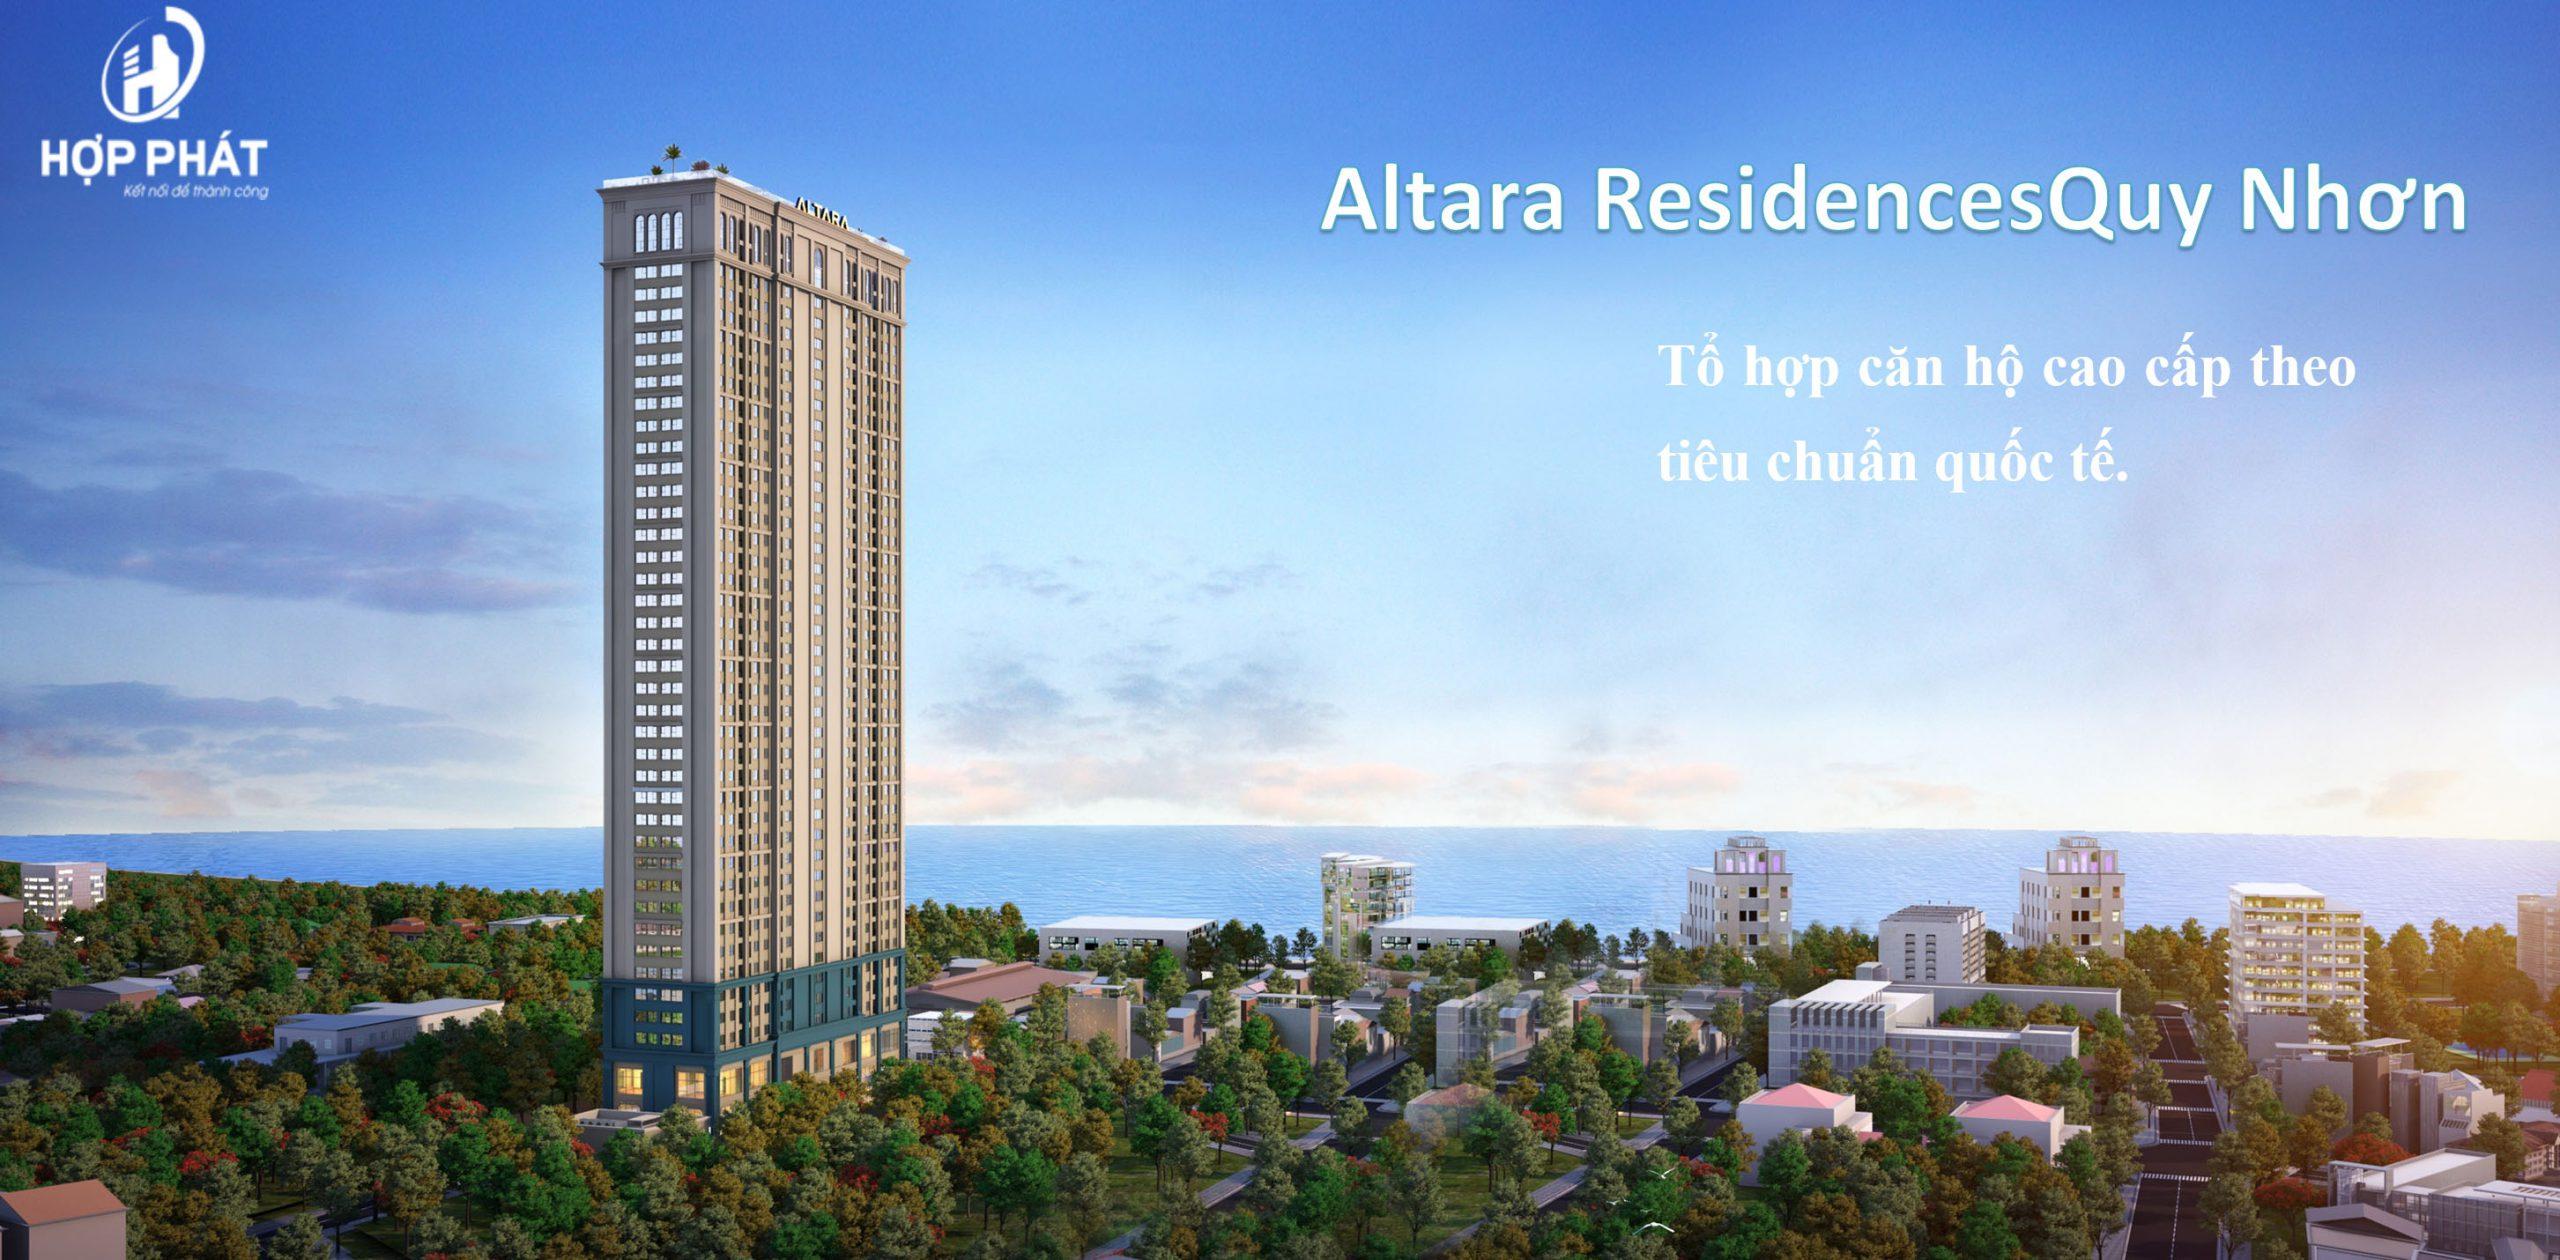 Dự án Altara quy nhơn